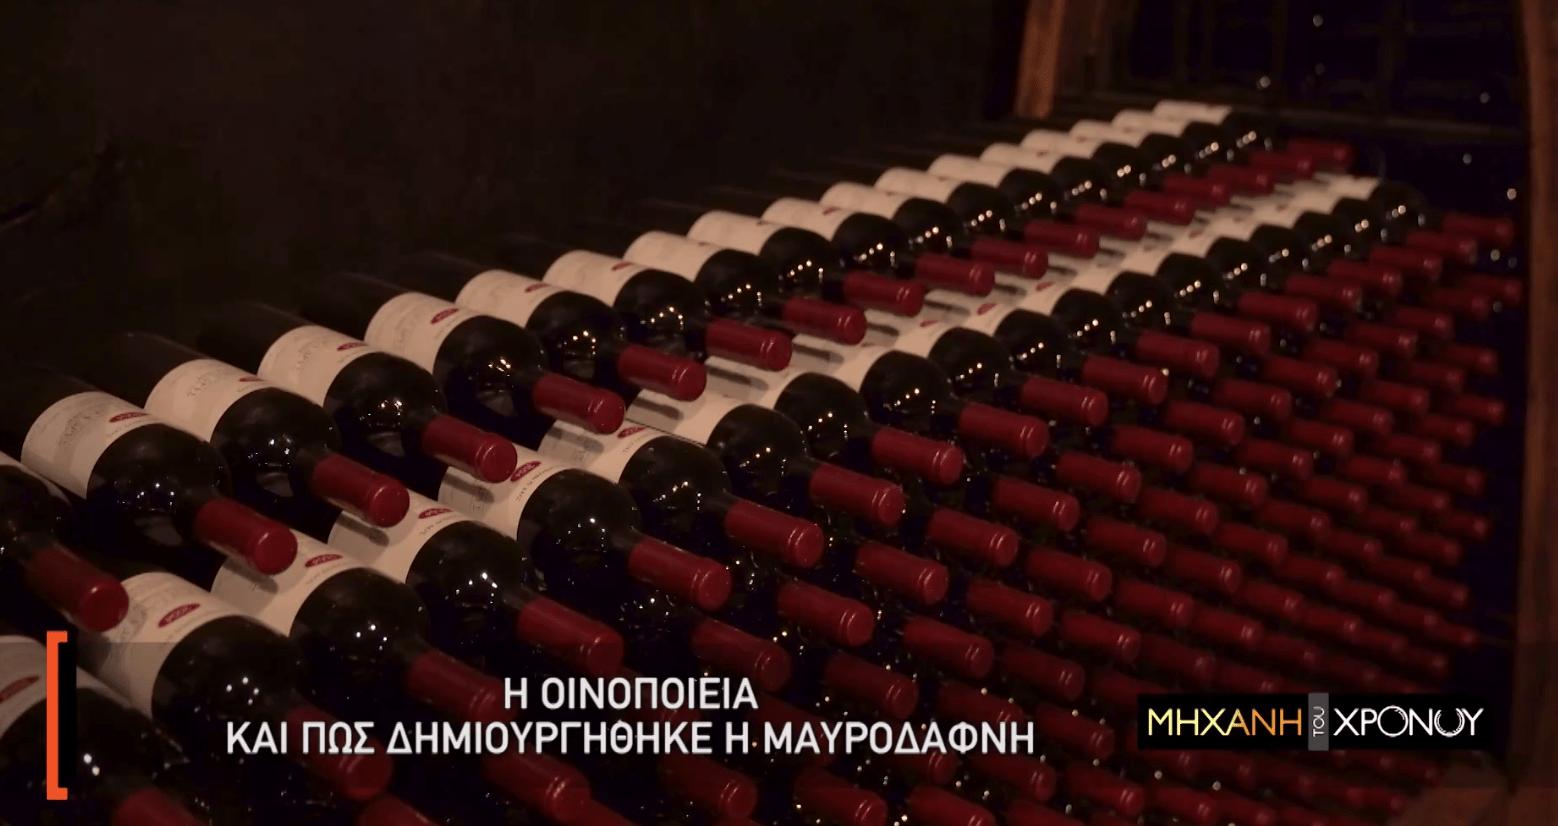 Μαυροδάφνη. Το γλυκό κρασί από την Πάτρα, που δημιούργησε ο Βαυαρός σταφιδέμπορος, Κλάους